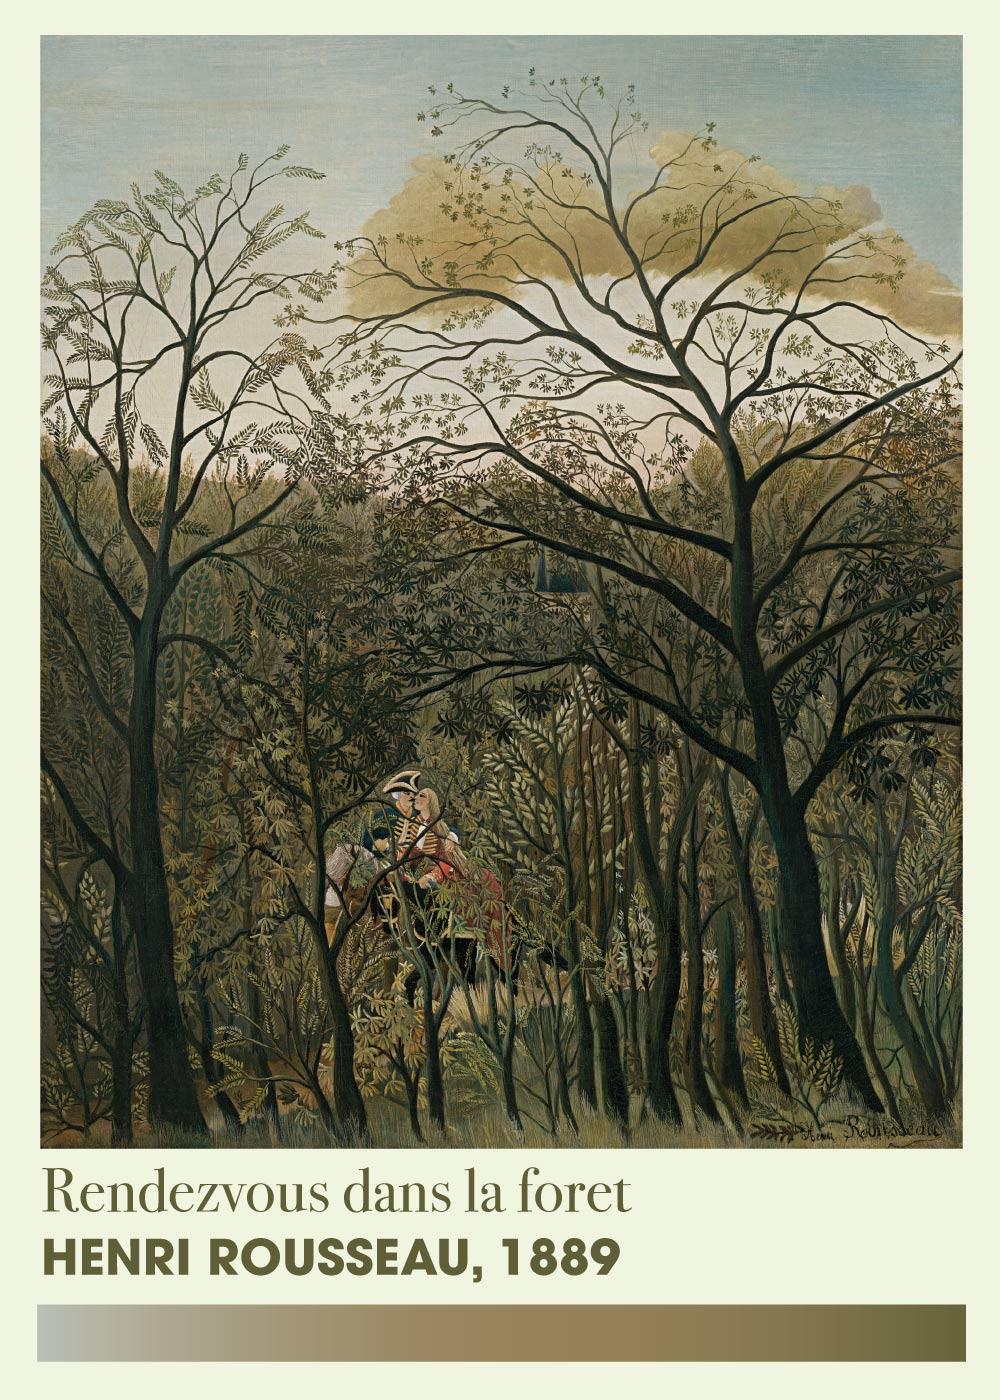 Rendezvous dans le foret - Henri Rousseau